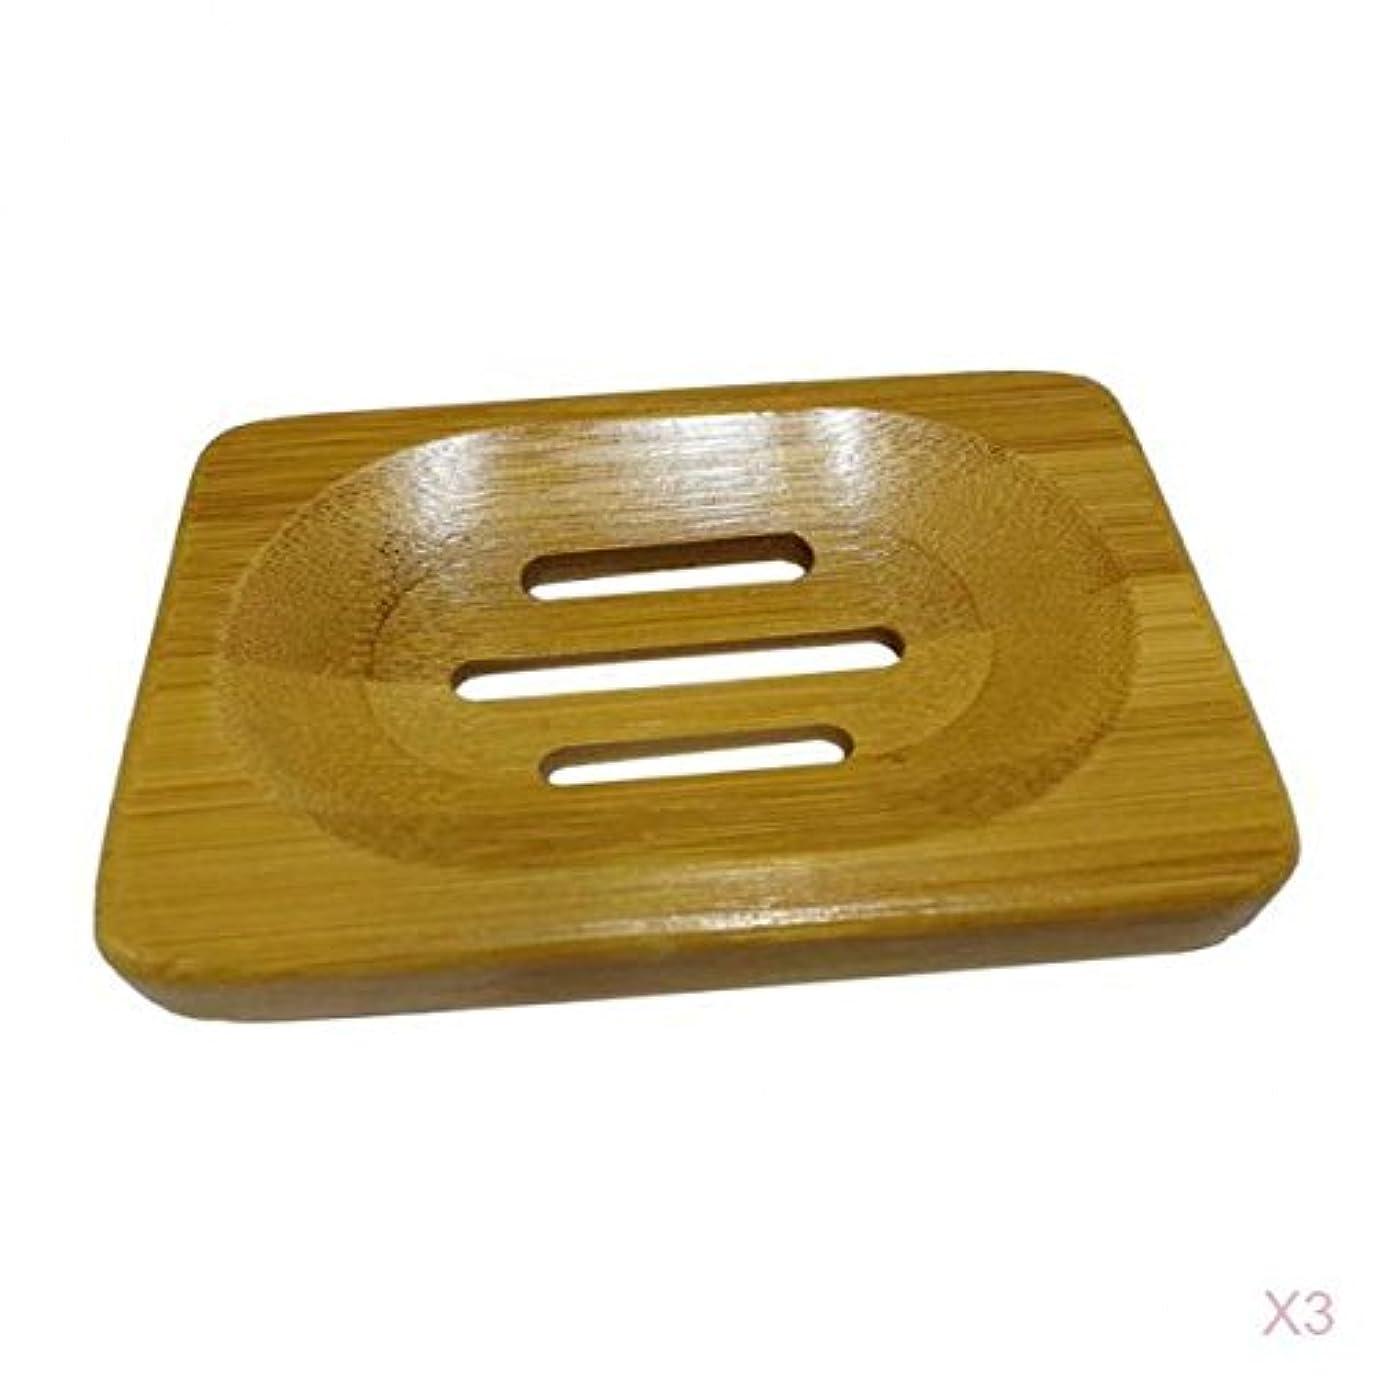 必需品舌なモナリザHomyl 3個 木製 石鹸 ケース ホルダー